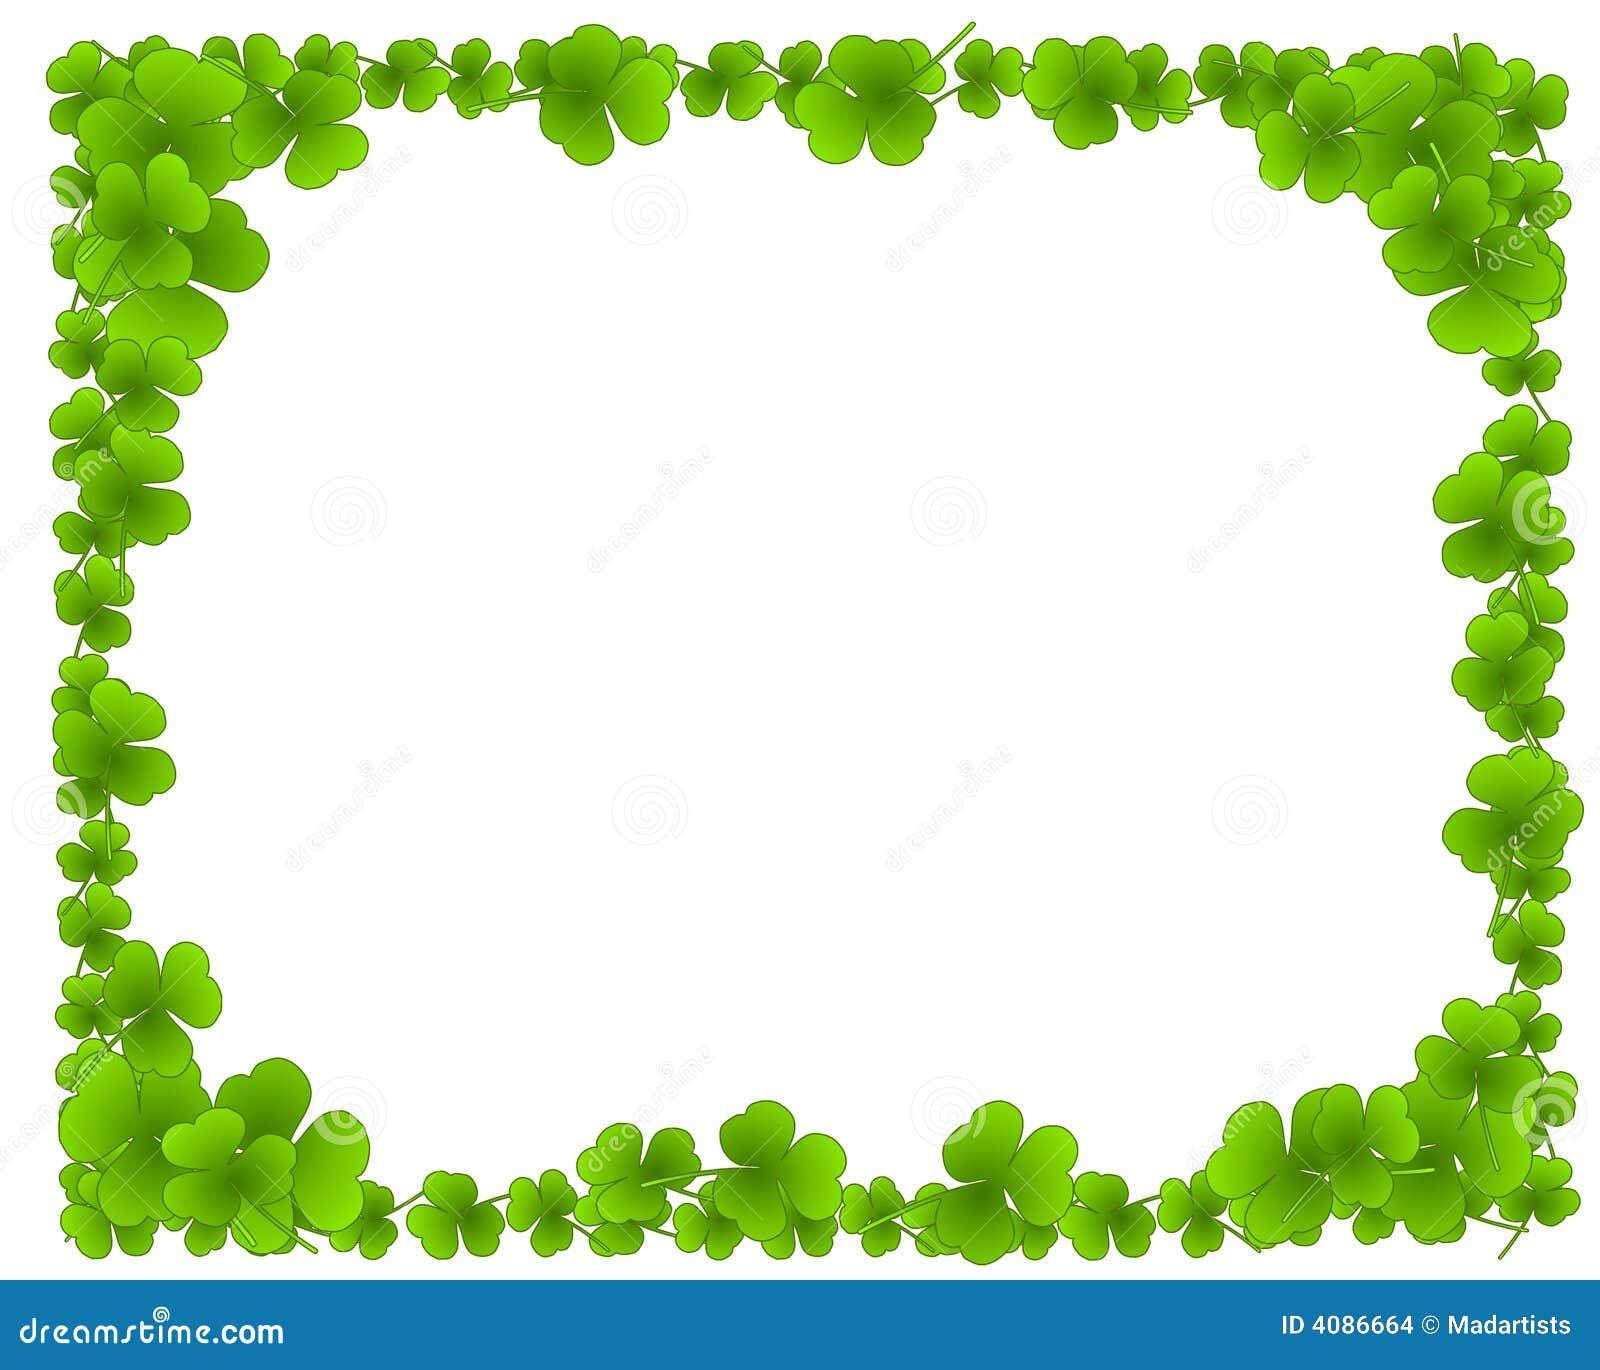 Green Clover Leaves Leaf Border Frame Stock Images - Image: 4086664